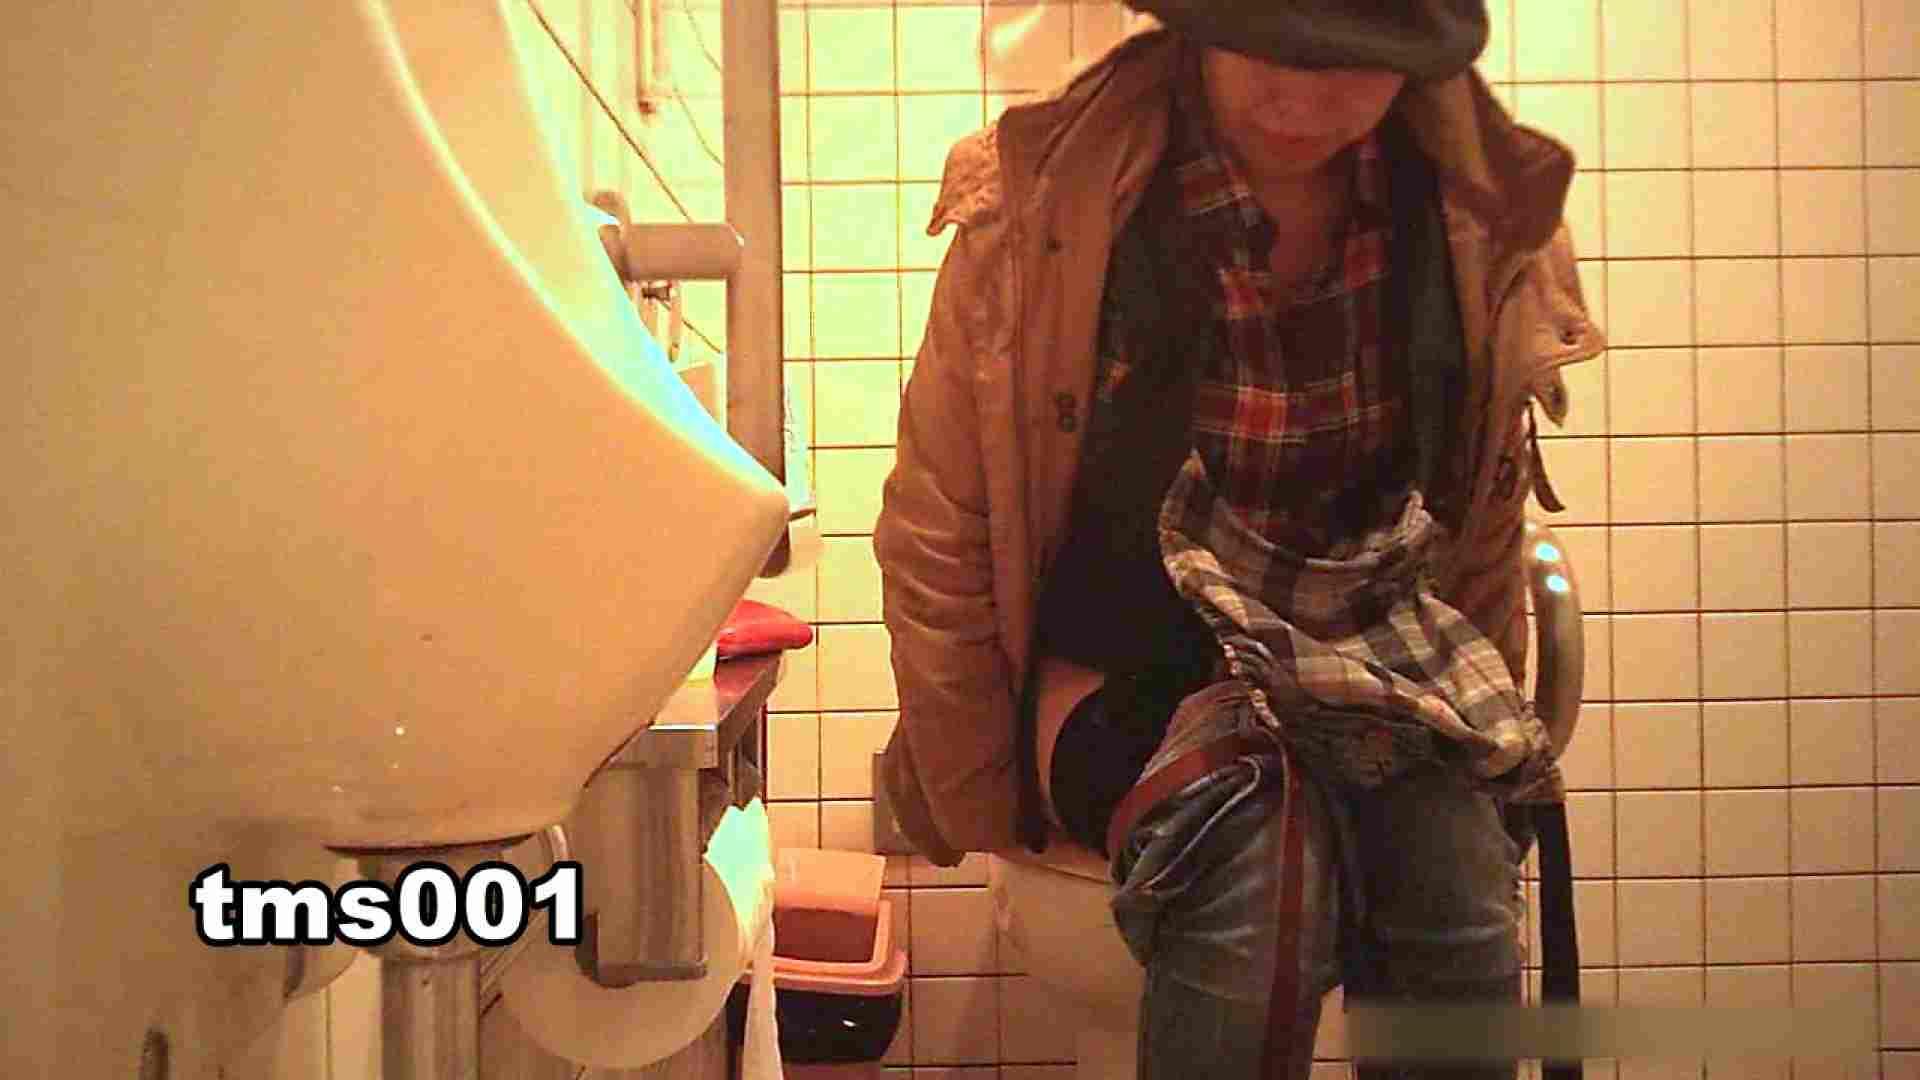 トイメンの割れ目 vol.001 丸見え AV無料動画キャプチャ 91画像 82